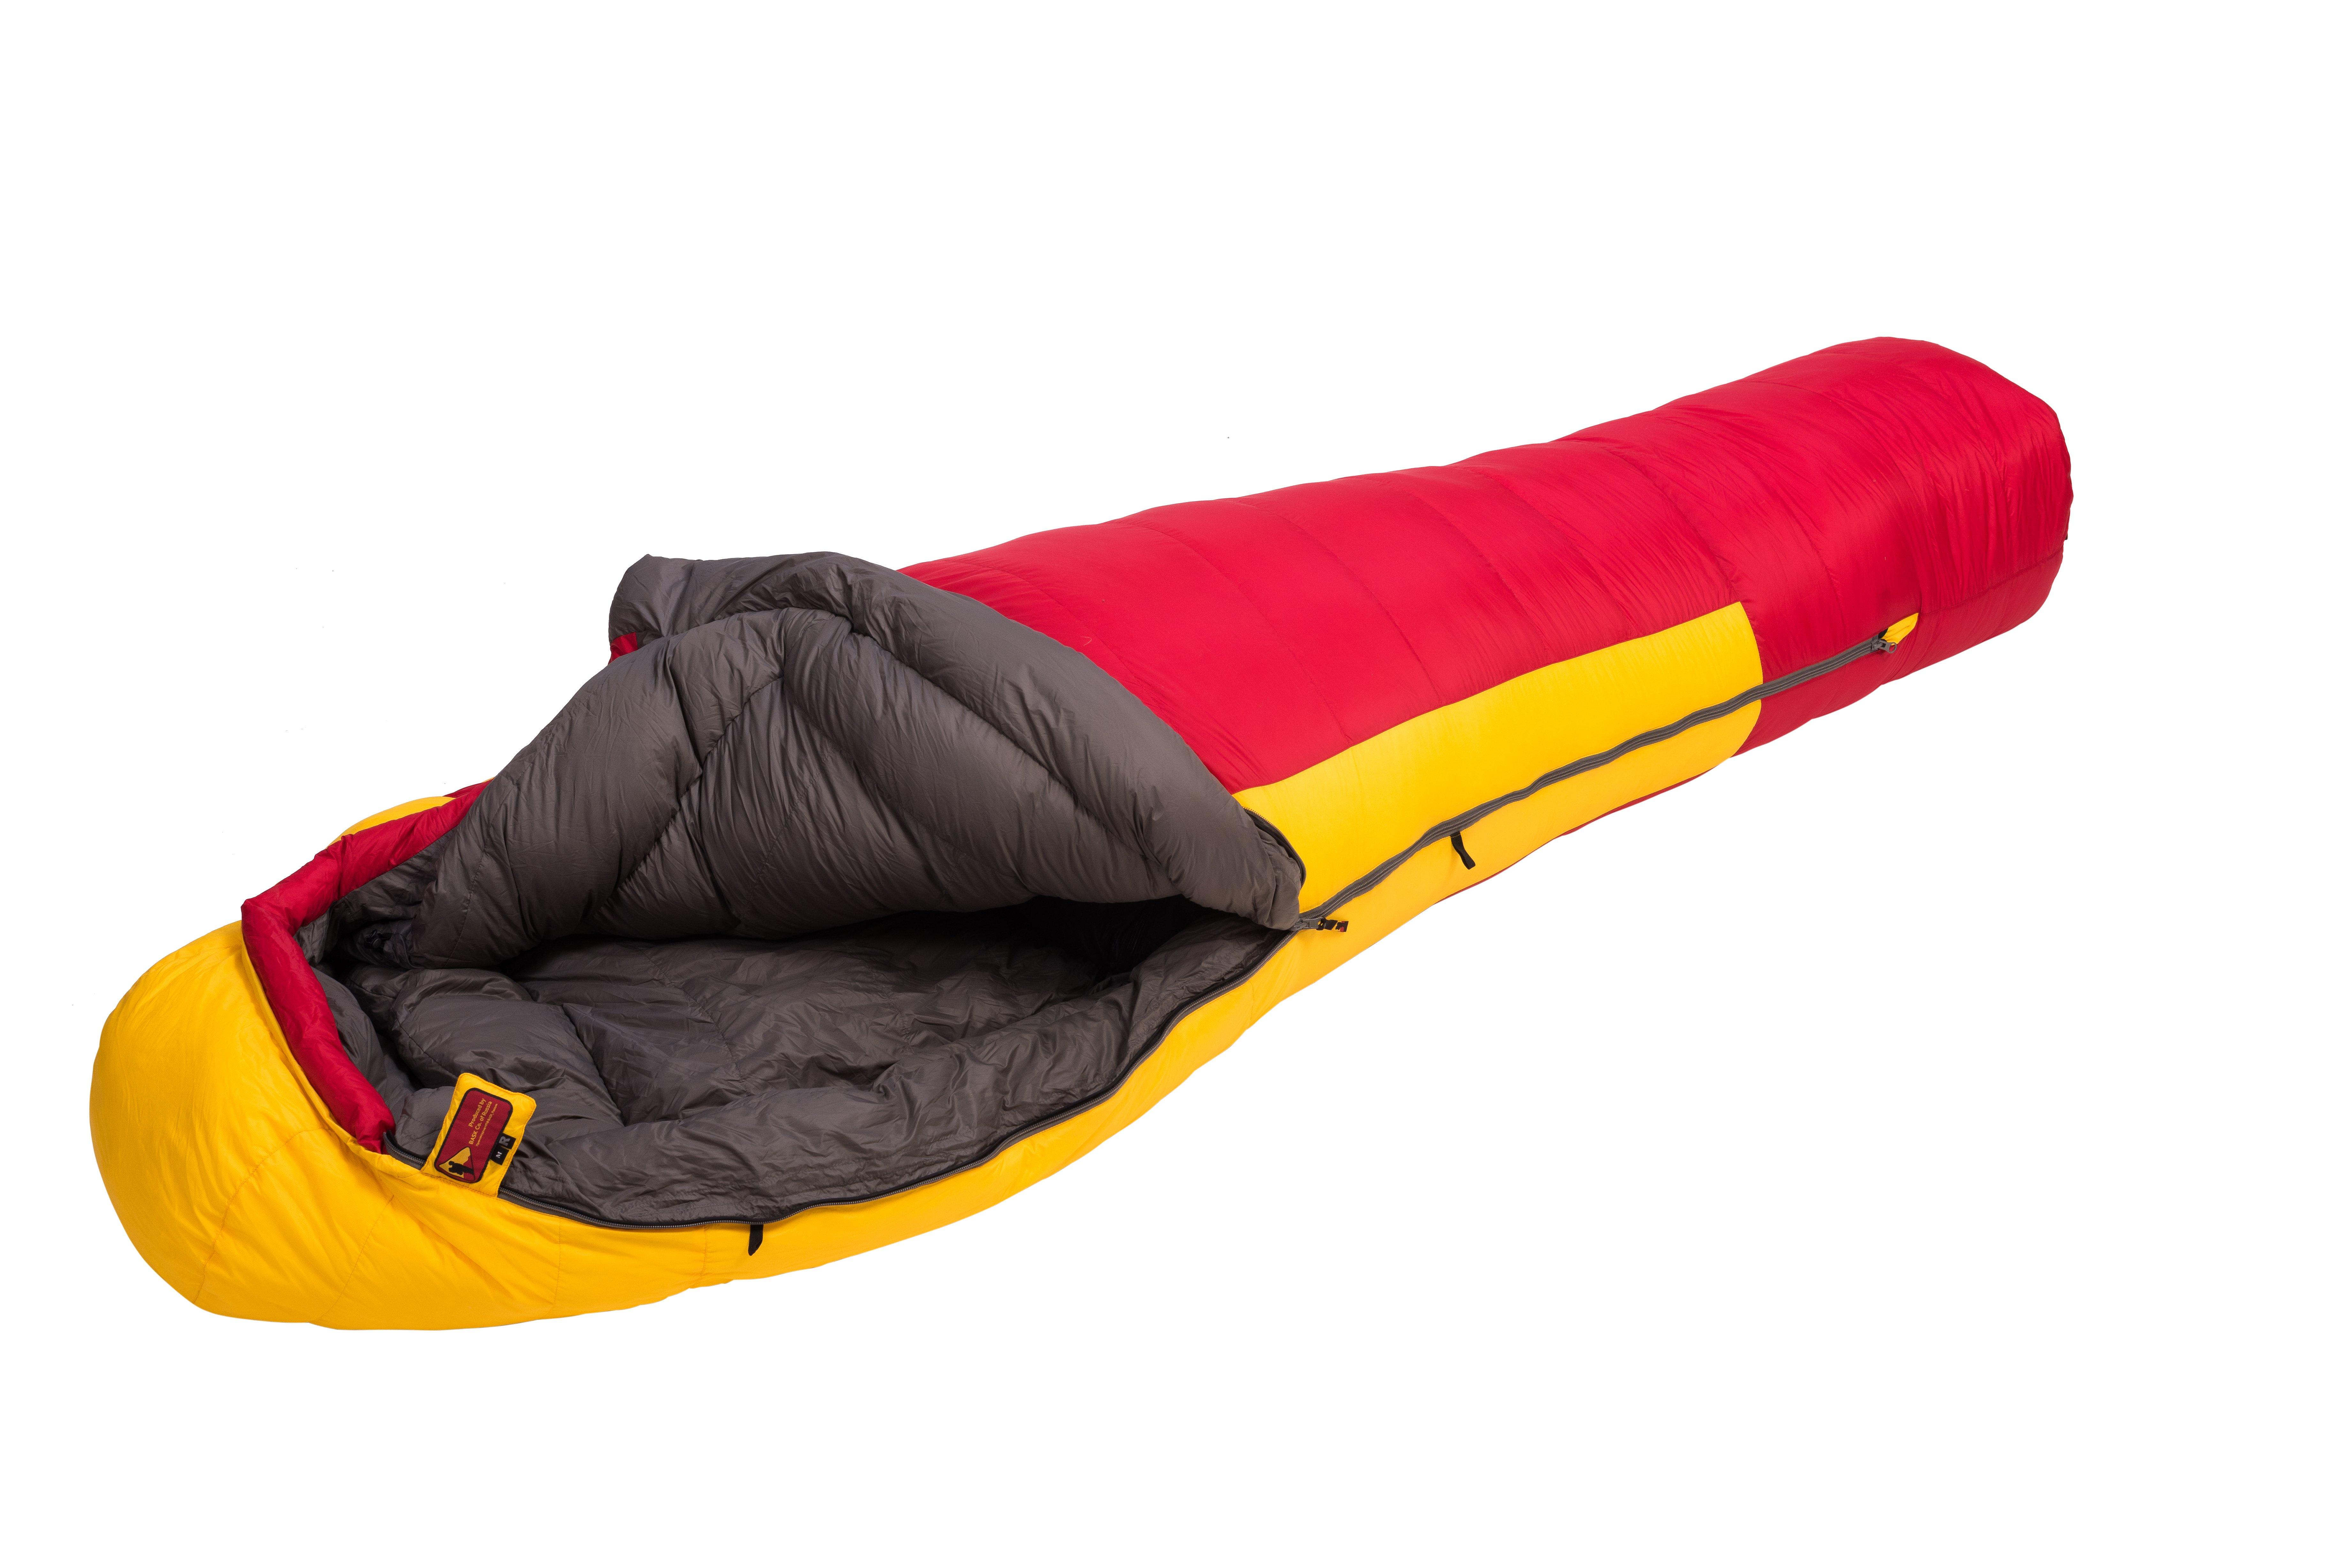 Спальный мешок BASK KARAKORAM-XL 800+FP 3536Спальный мешок для экстремальных условий c защитой пуха от влаги. Сложная система пуховых пакетов. В новой версии улучшены тепловые характеристики без увеличения веса.<br><br>Верхняя ткань: Advance® Perfomance<br>Вес без упаковки: 2000<br>Вес упаковки: 175<br>Вес утеплителя: 1247<br>Внутренняя ткань: Advance® Classic<br>Возможность состегивания: Да<br>Назначение: экстремальный<br>Наличие карманов: Да<br>Нижняя температура комфорта °C: -21<br>Подголовник/Капюшон: Да<br>Показатель Fill Power (для пуховых изделий): 750<br>Пол: Муж.<br>Размер в упакованном виде (диаметр х длина): 23х57<br>Размеры наружные (внутренние): 228х203х87х58<br>Система расположения слоев утеплителя или пуховых пакетов: смещенные швы+продольное<br>Температура комфорта °C: -13<br>Тесьма вдоль планки: Да<br>Тип молнии: двухзамковая-разъёмная<br>Тип утеплителя: натуральный<br>Утеплитель: белый гусиный пух<br>Утепляющая планка: Да<br>Форма: кокон<br>Шейный пакет: Да<br>Экстремальная температура °C: -44